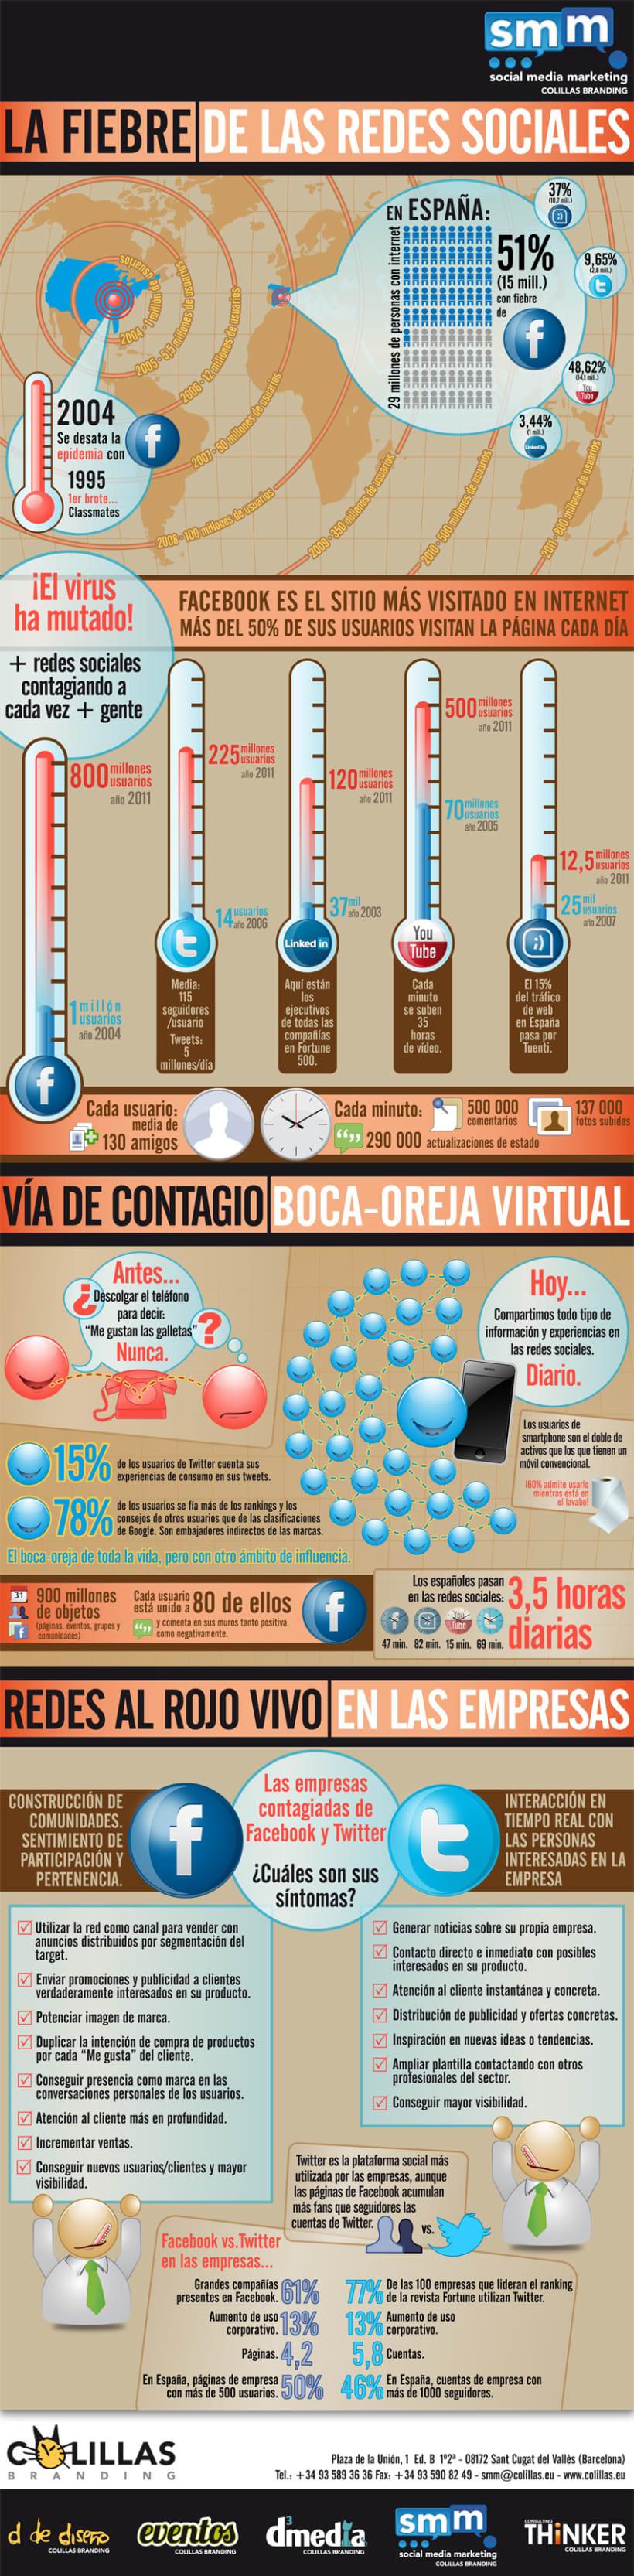 Infografía: La Fiebre de las Redes Sociales (2011) 0